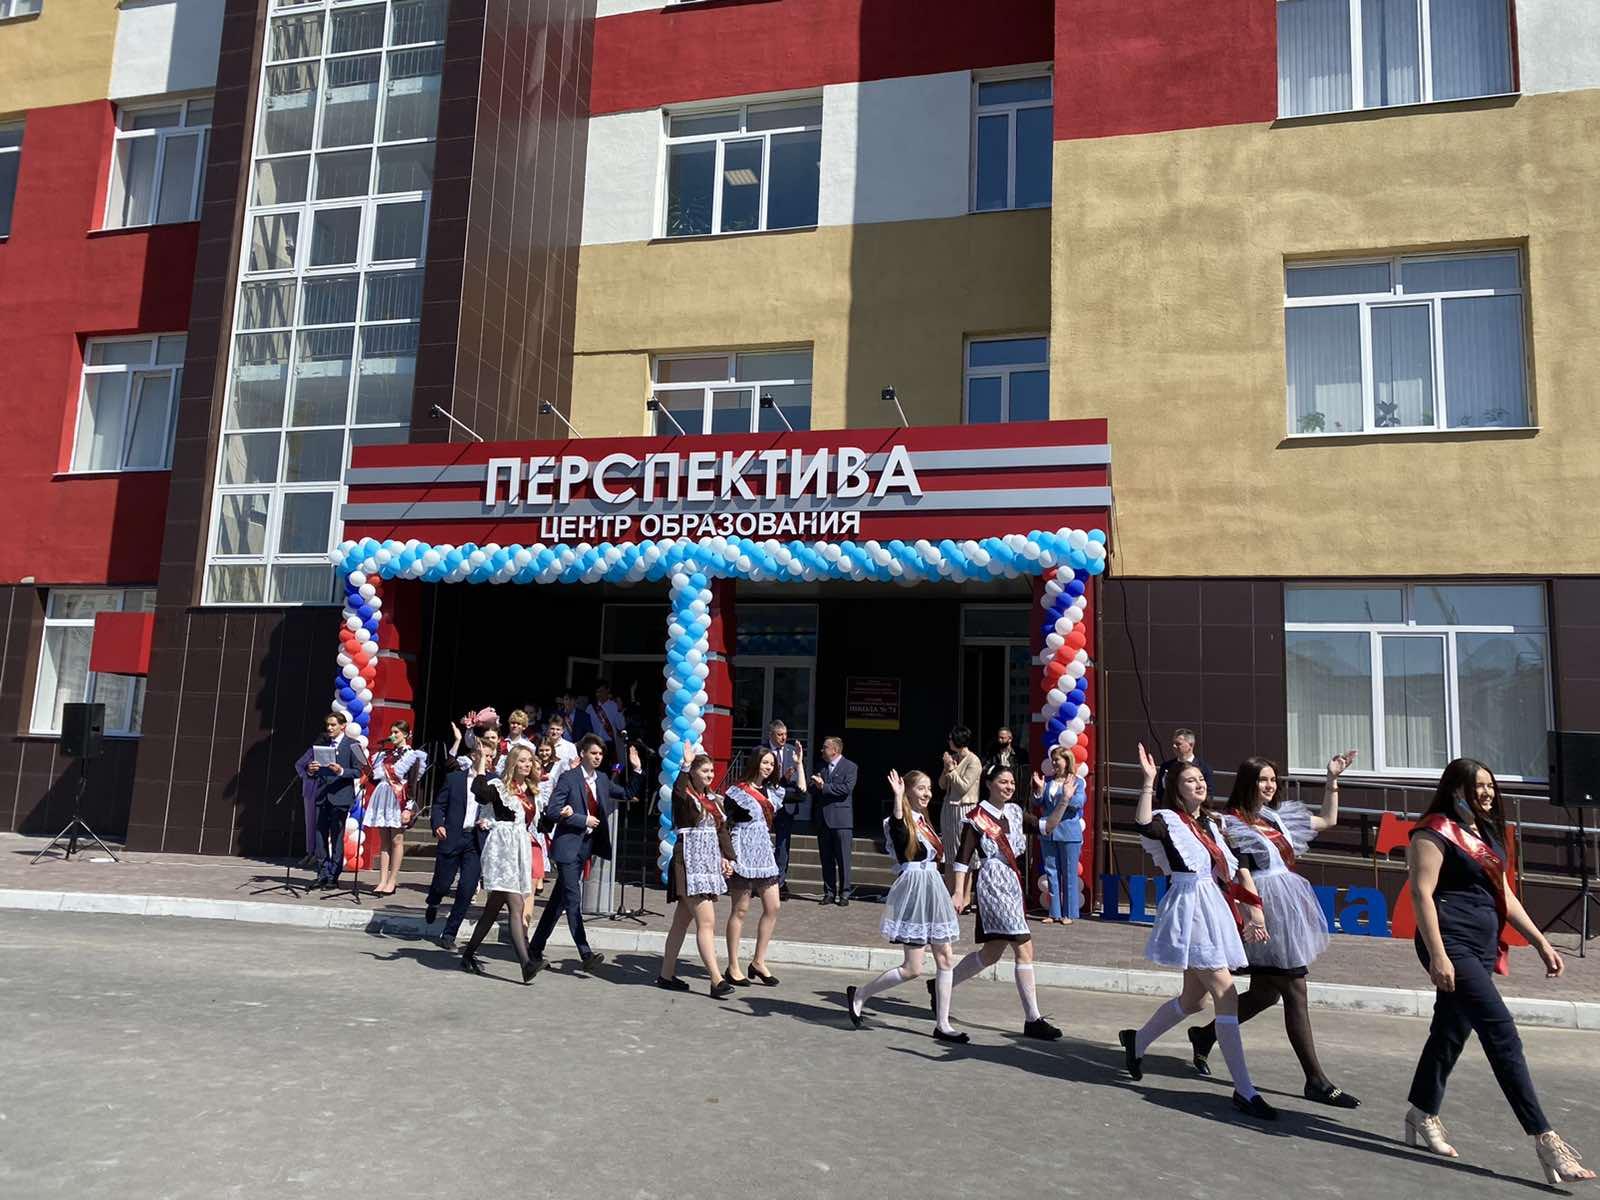 Сеченовский предуниверсарий в Брянске объявил о дополнительном наборе старшеклассников